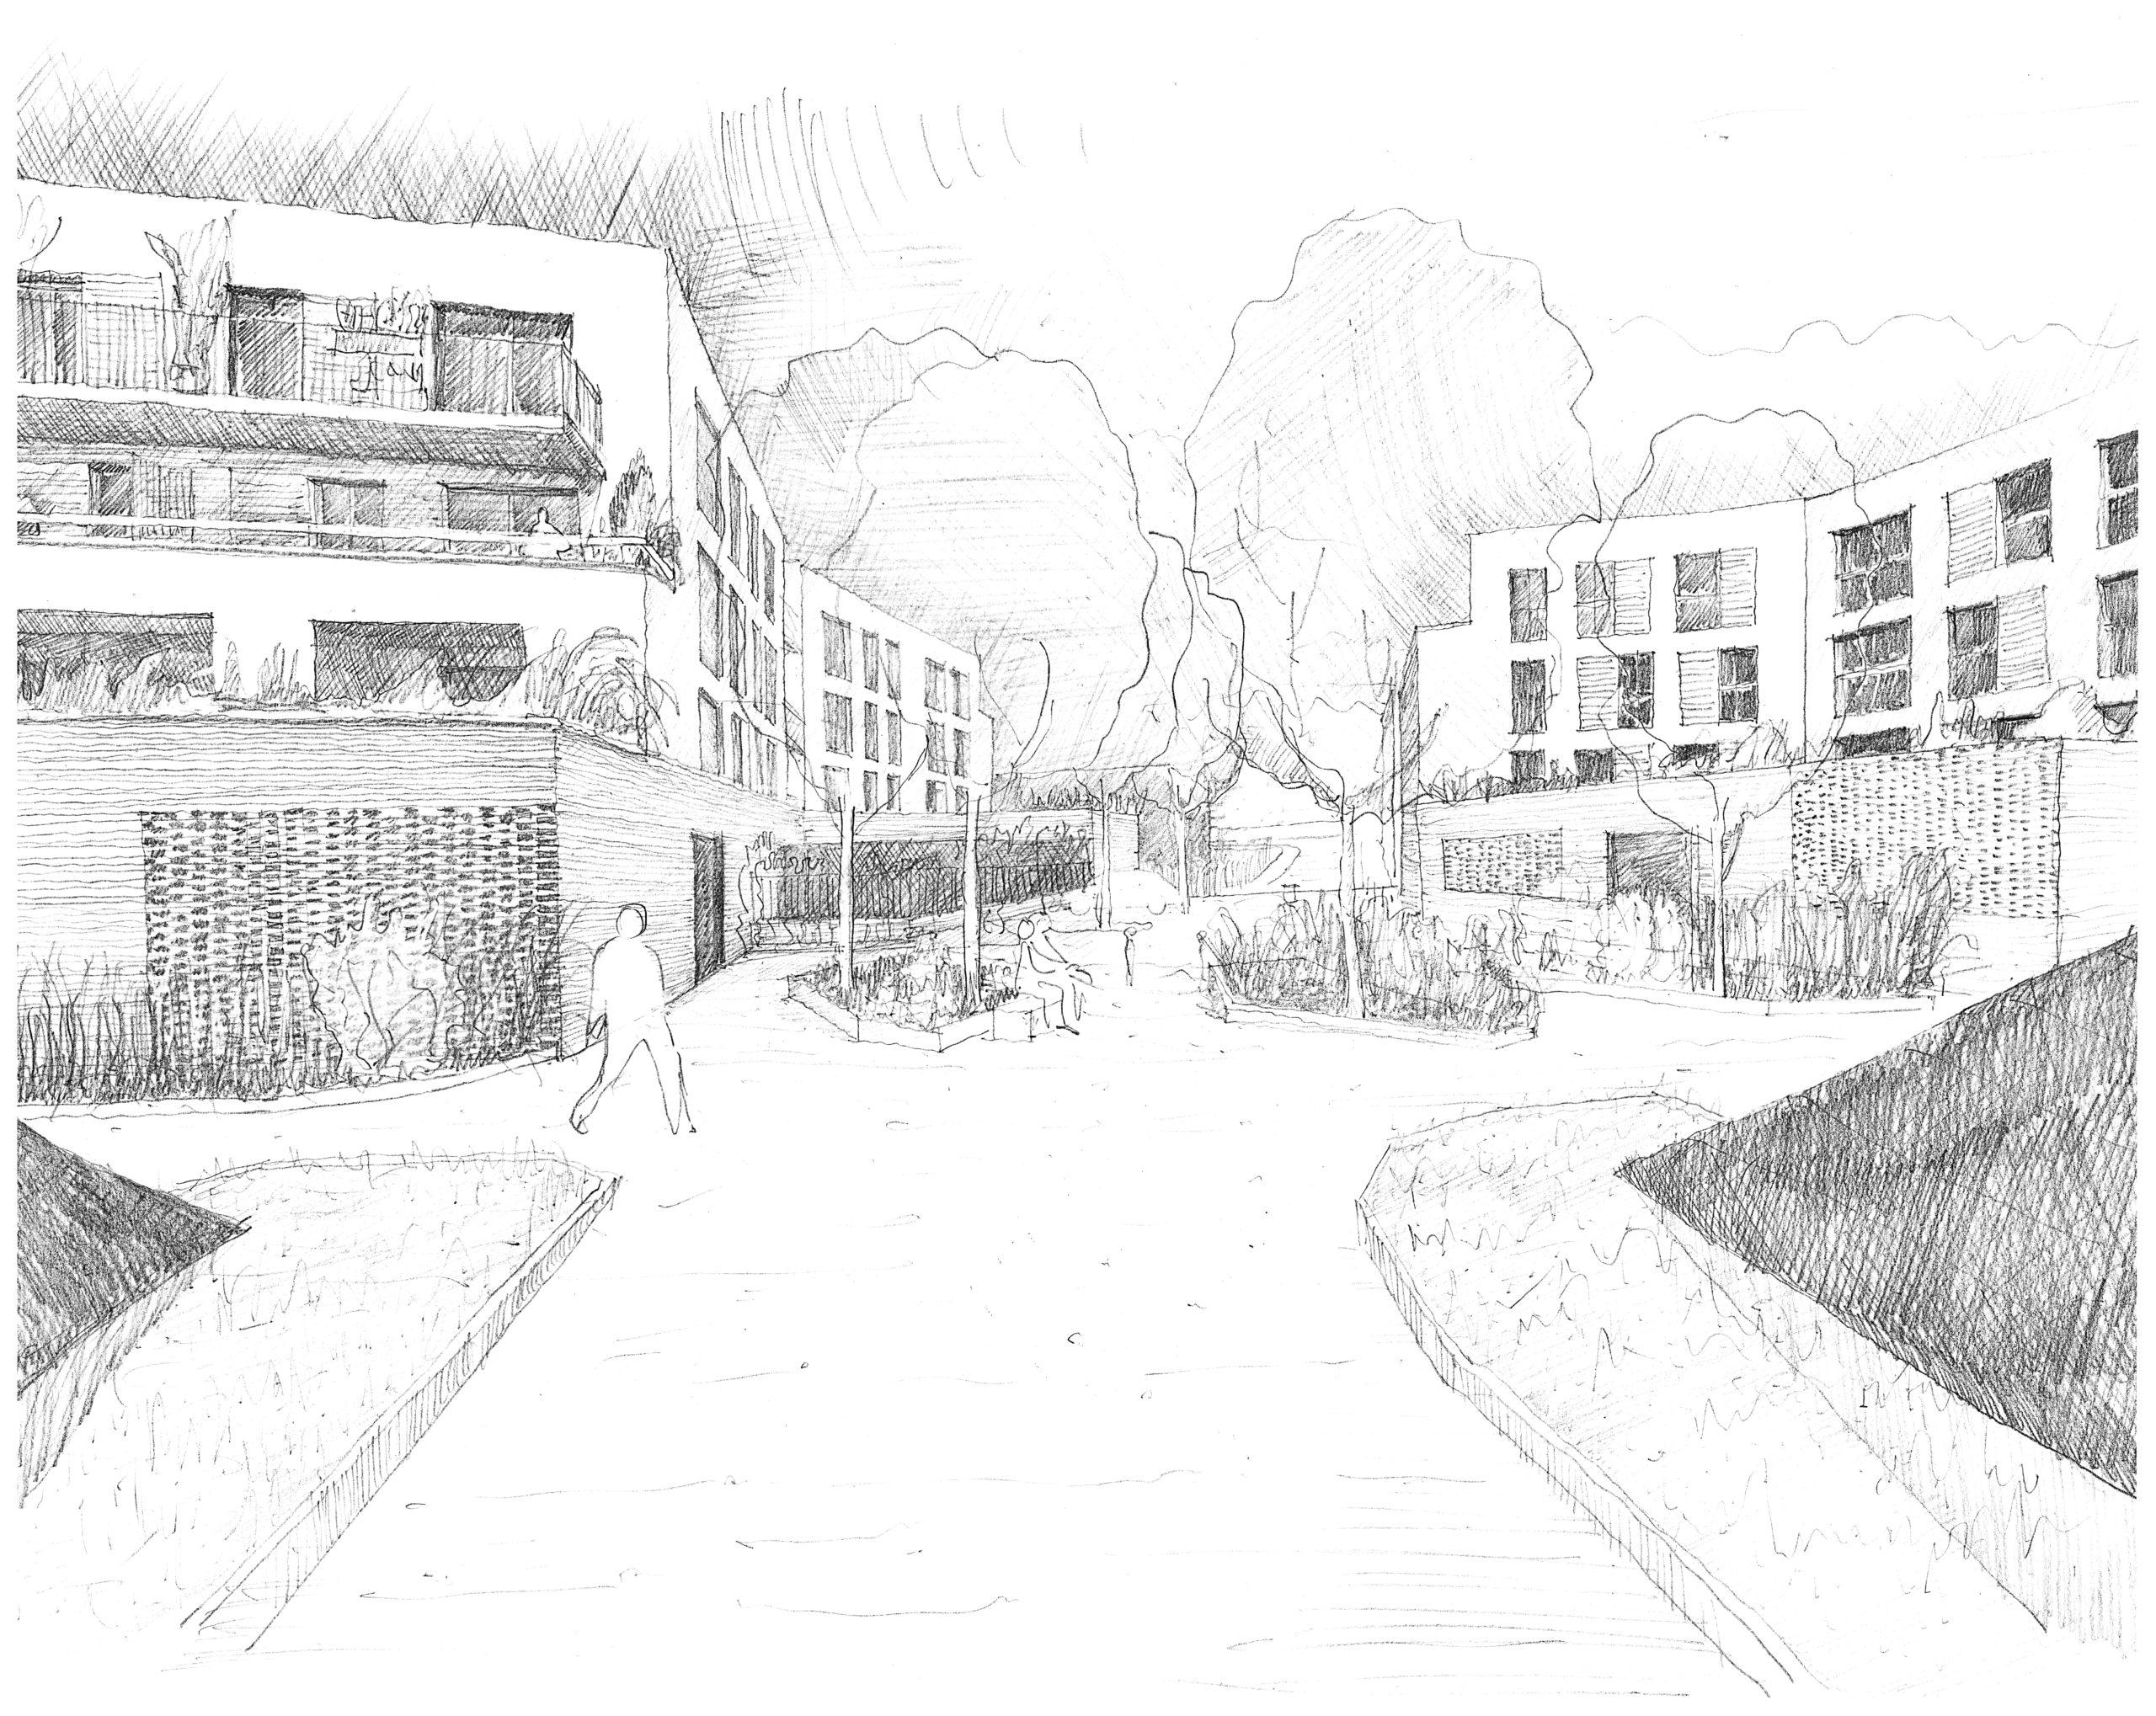 Dessin perspective représentant les espaces végétalisés et les espaces de circulation entre les deux bâtiments brique.